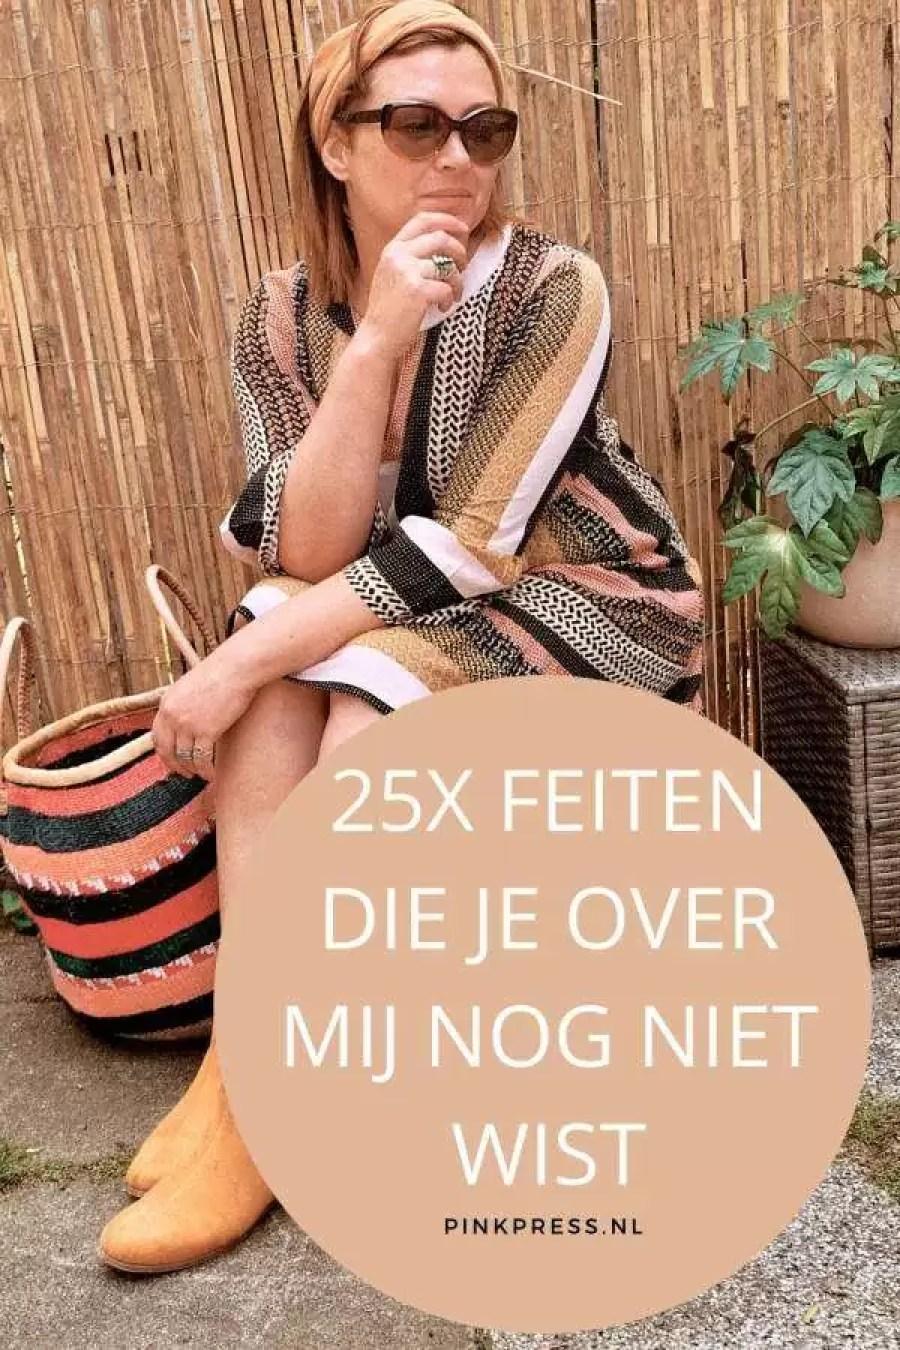 25x feiten over mij - 25x zat je echt op deze info over mij te wachten?